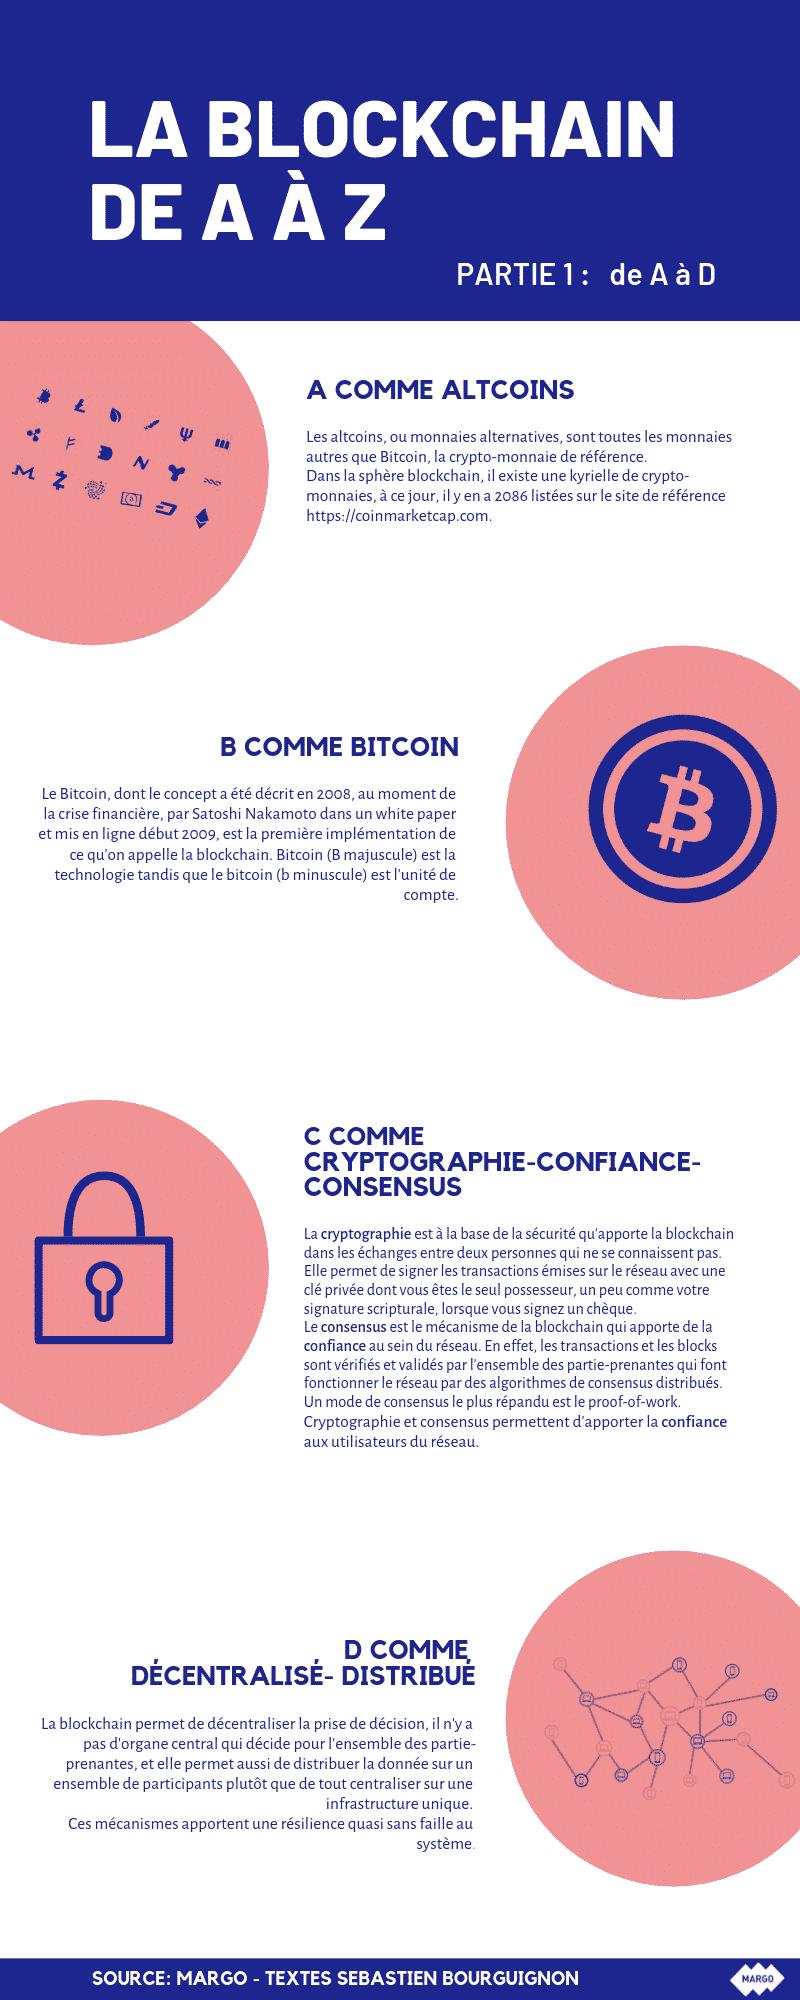 blockchain de a à z (partie 1)